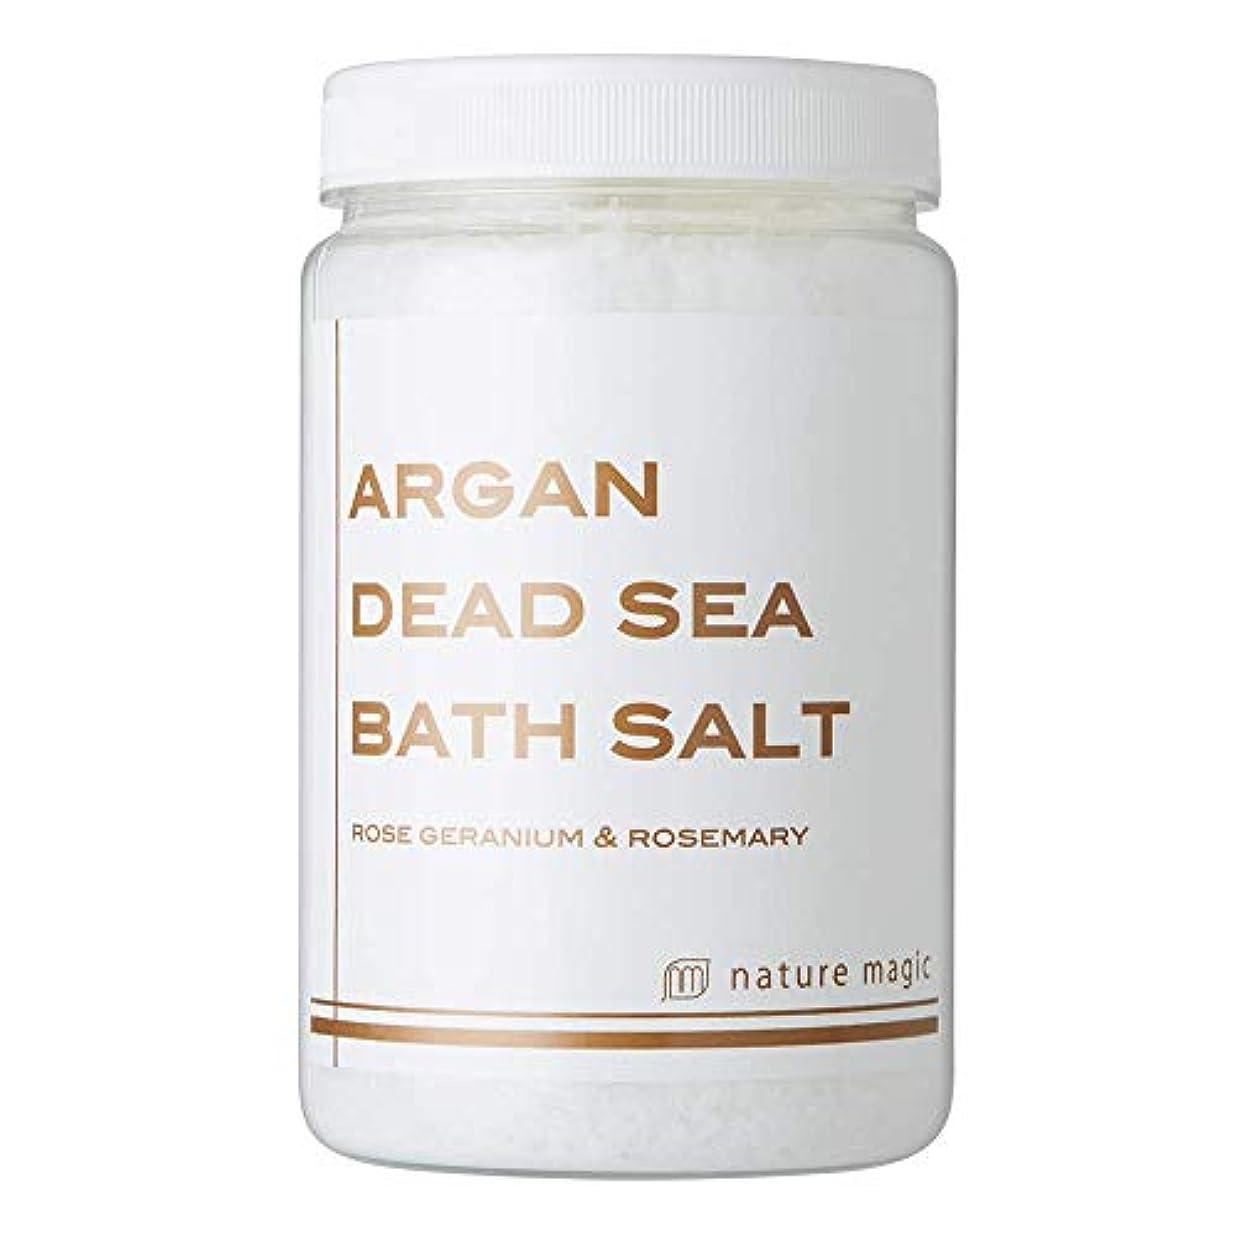 承認するフラップ精緻化【死海の天然塩にアルガンオイルを配合した全身ポカポカ、お肌つるつる入浴剤】アルガンデッドシーバスソルト